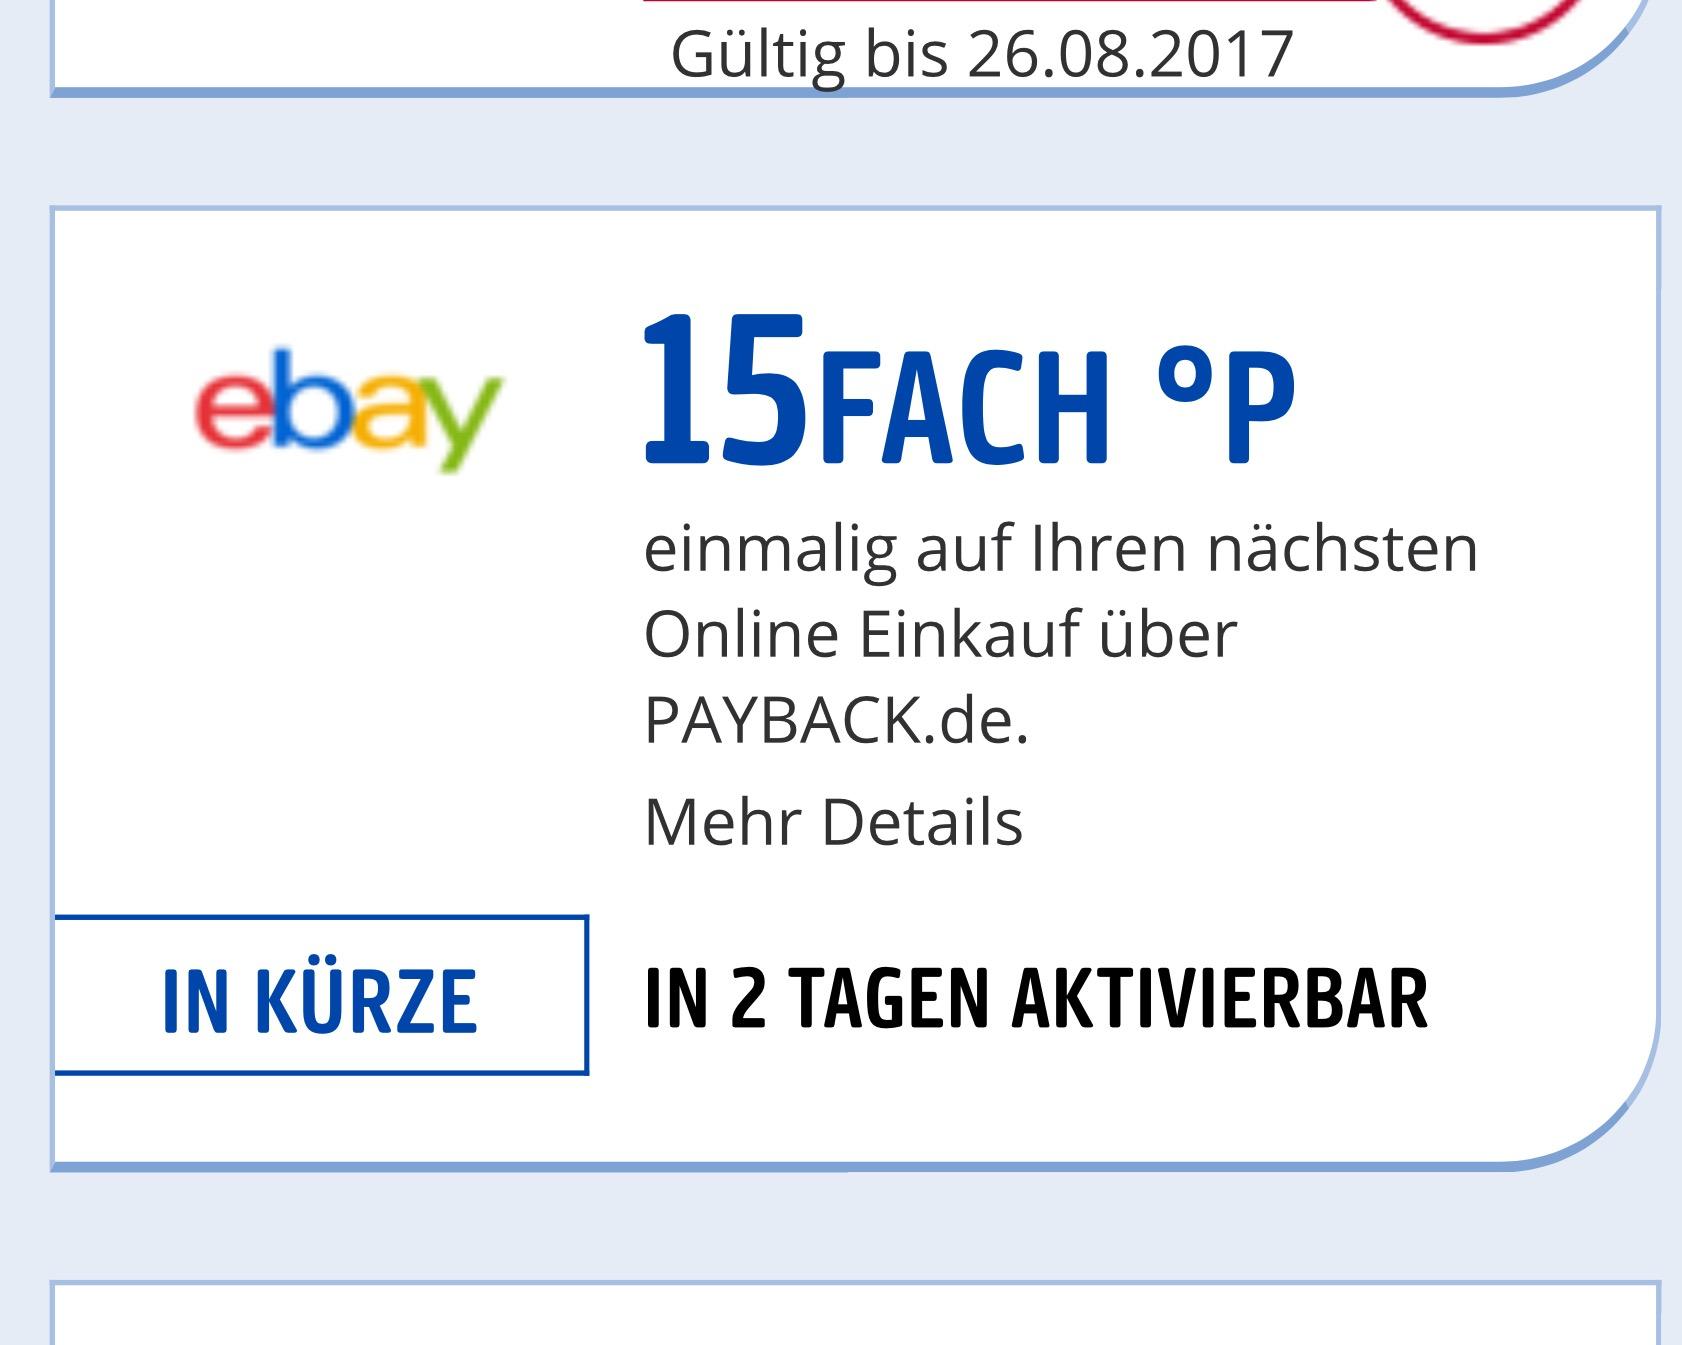 Vorankündigung ( ausgewählte Nutzer ) Payback ebay 15fach Punkte